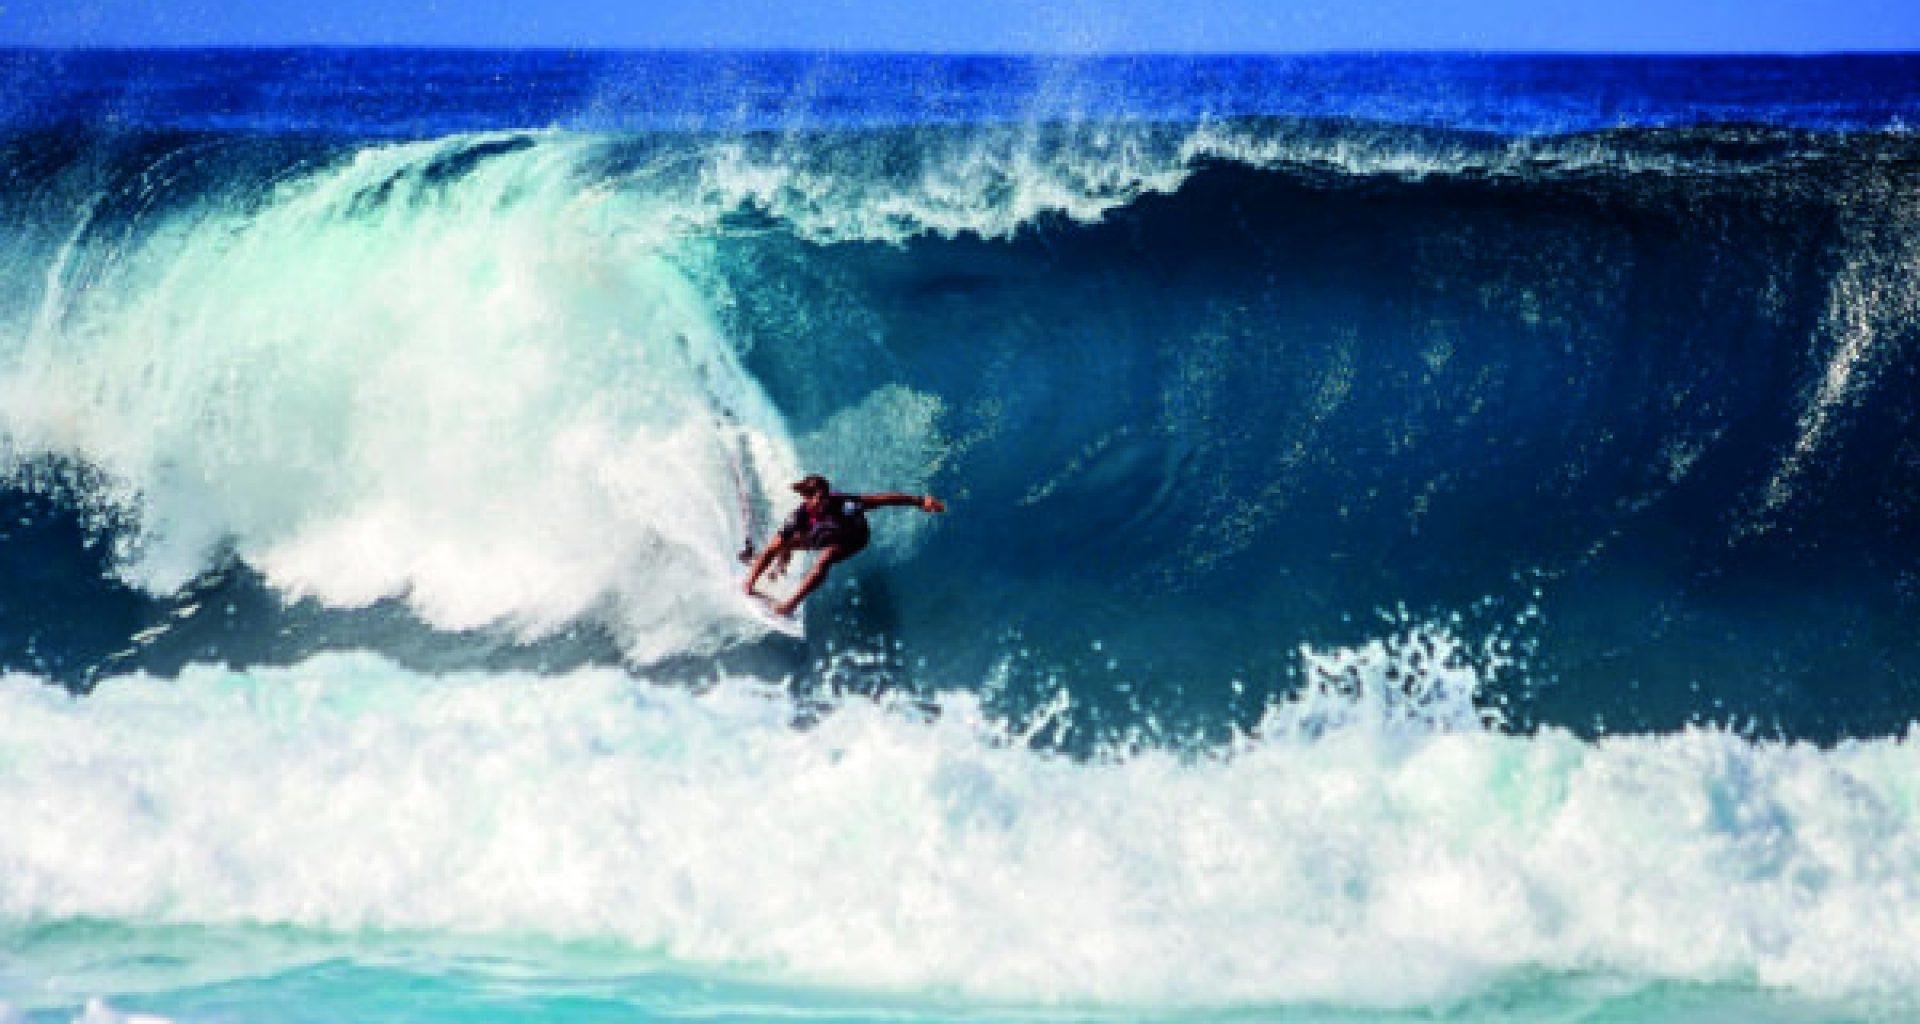 surfer-1209179_1920